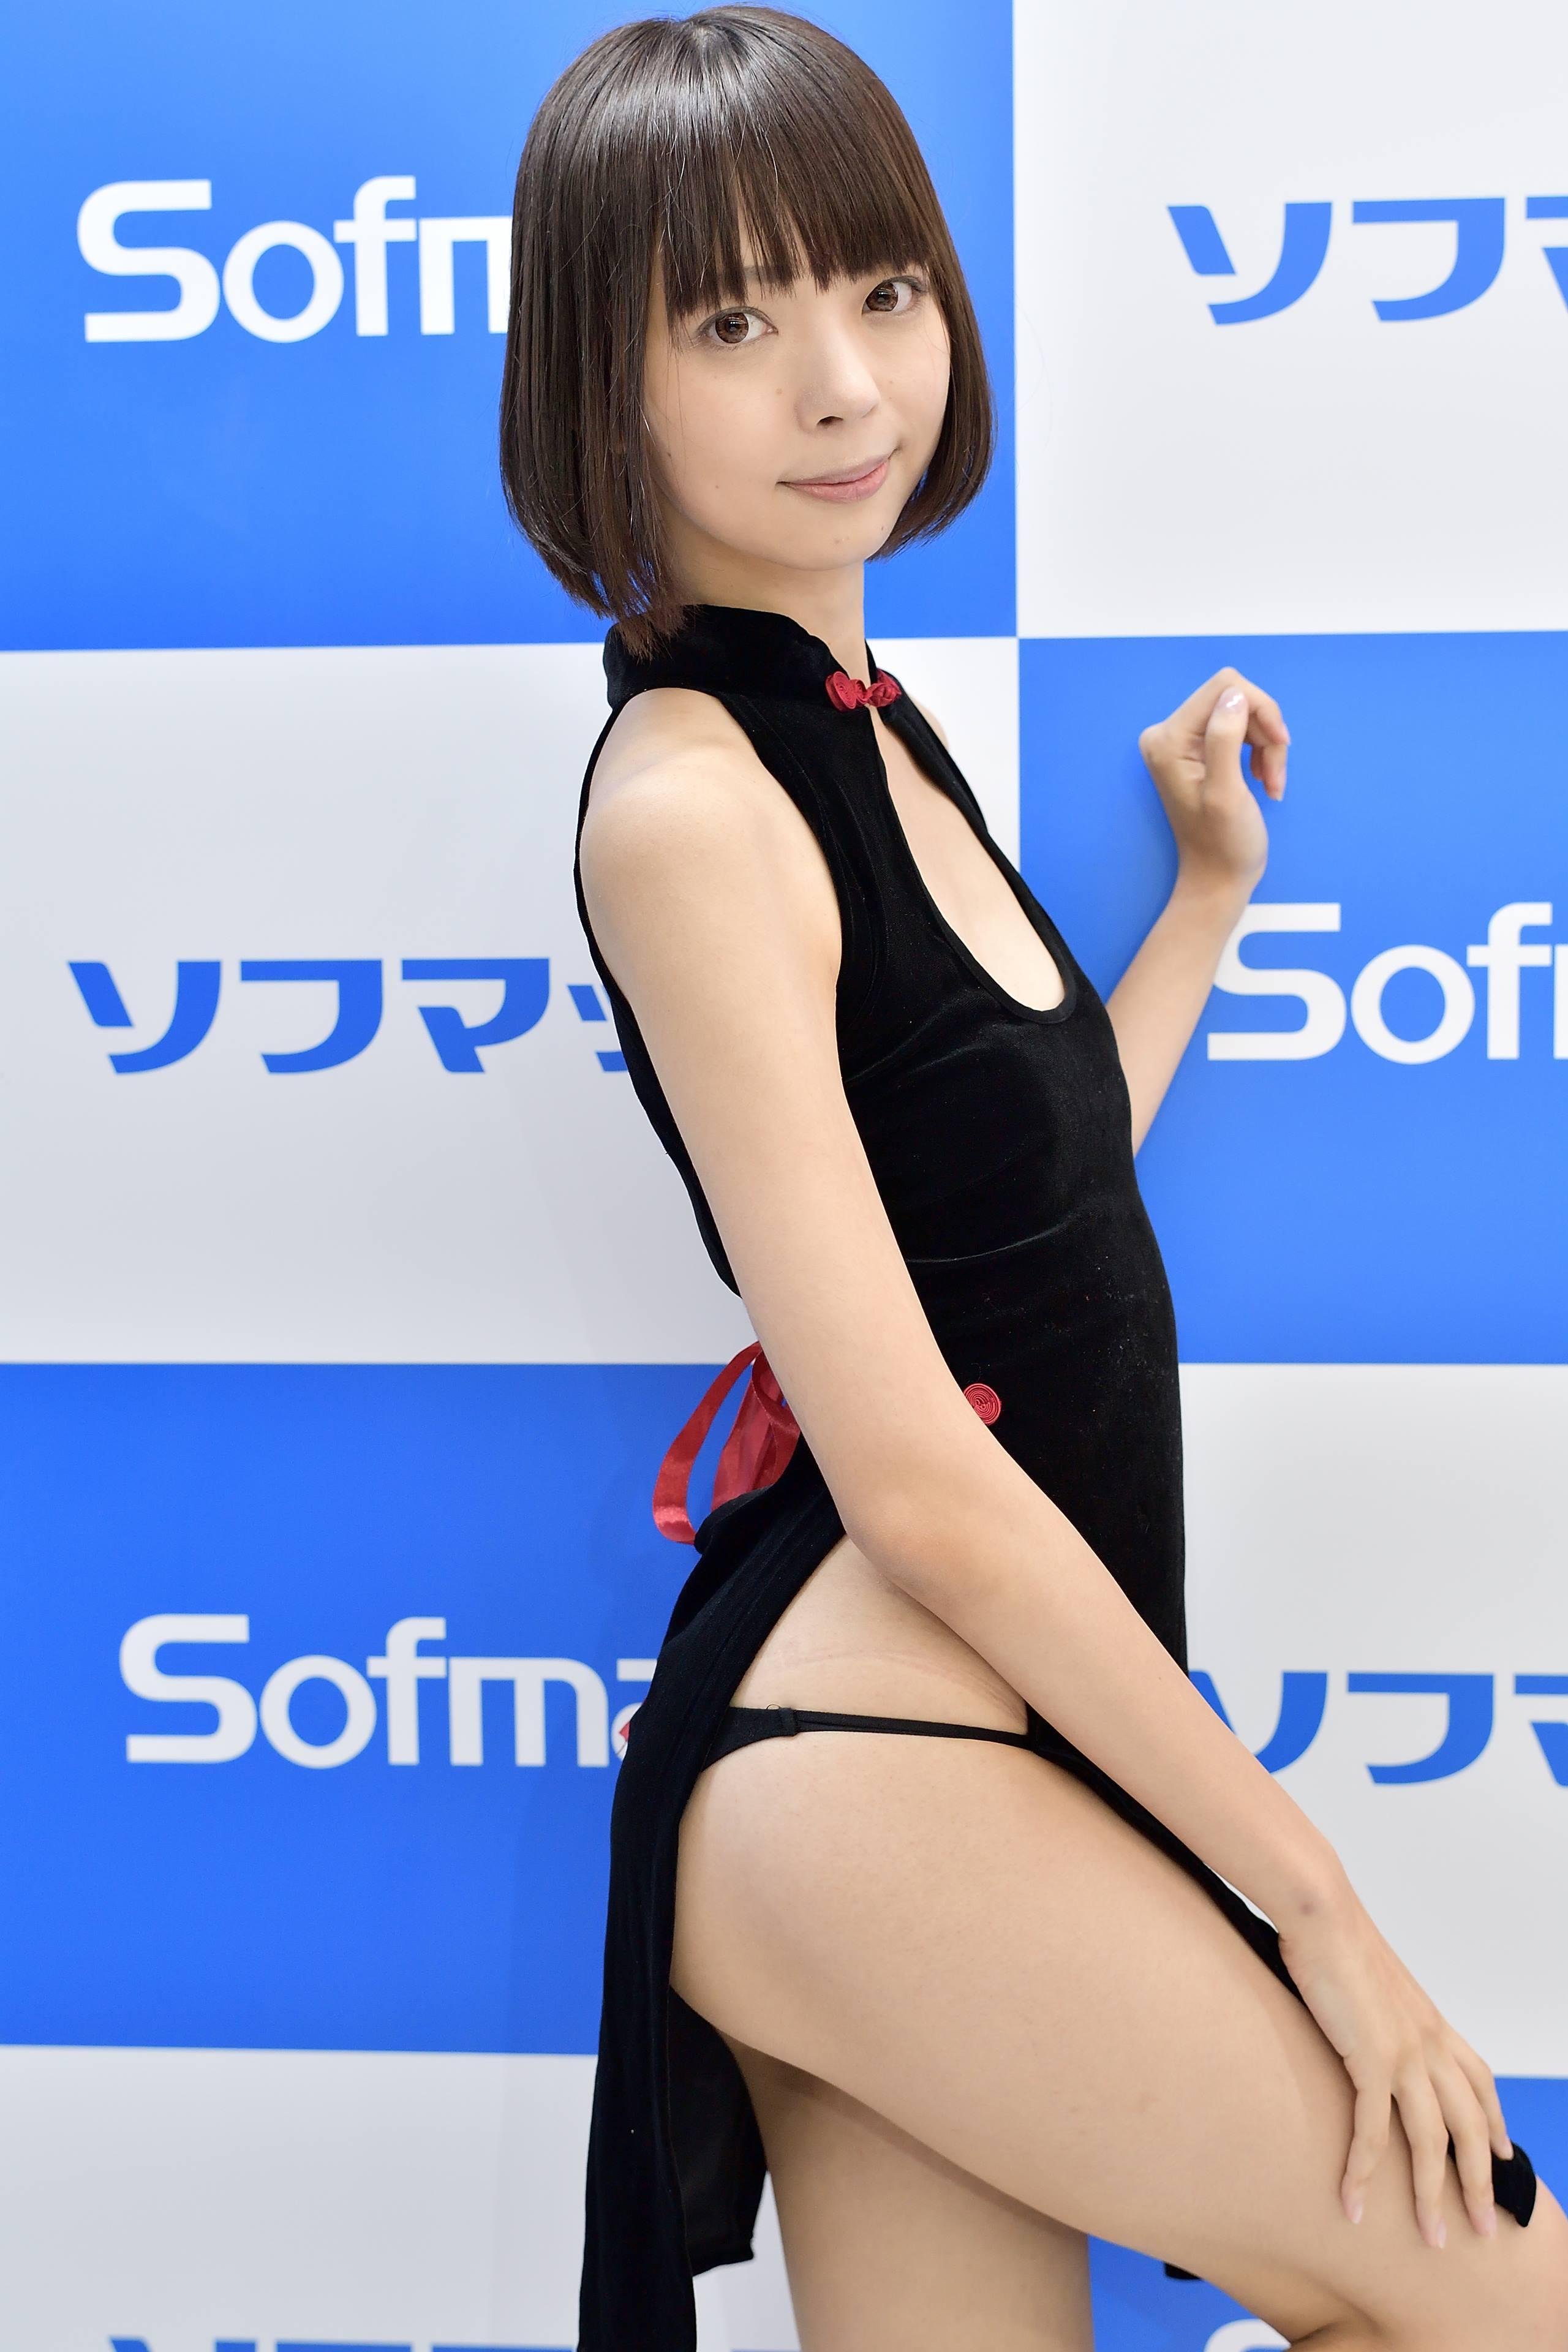 2019年06月14日ソフマップ4号館8階撮影会報告_e0194893_20283589.jpg